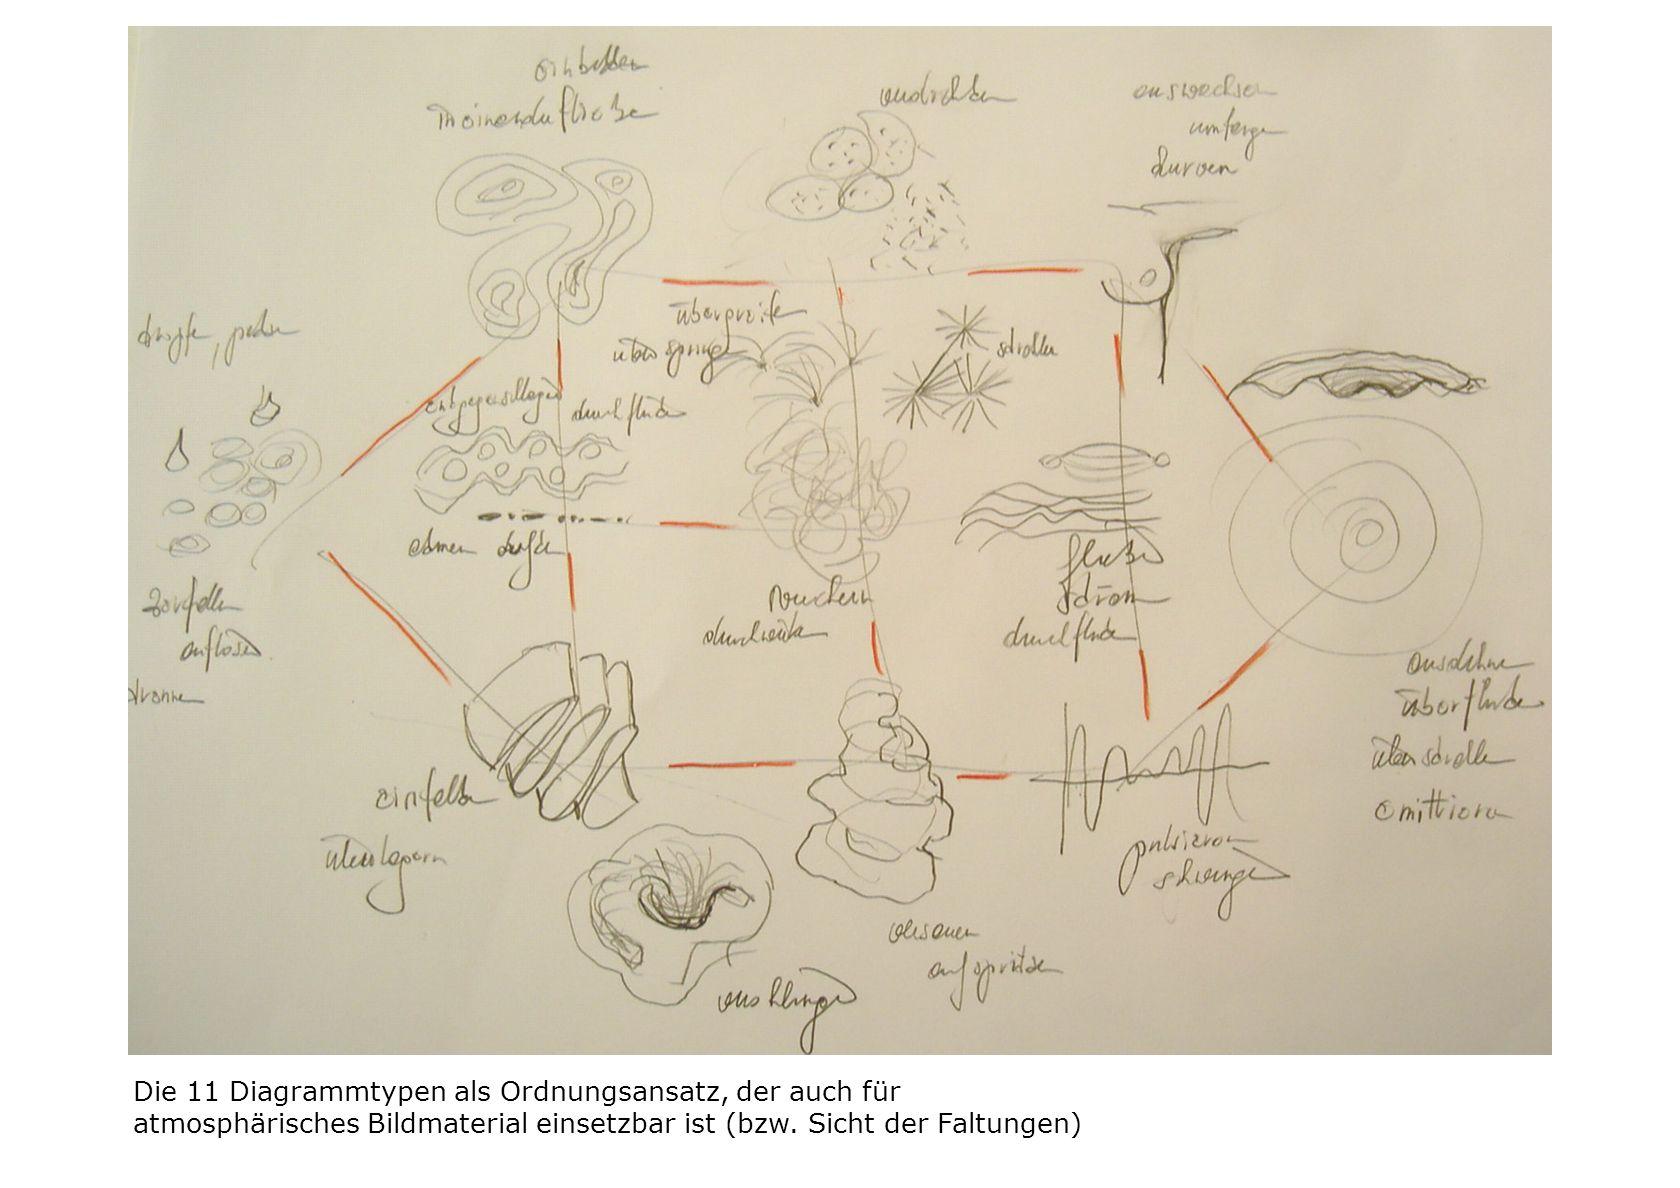 Die 11 Diagrammtypen als Ordnungsansatz, der auch für atmosphärisches Bildmaterial einsetzbar ist (bzw. Sicht der Faltungen)